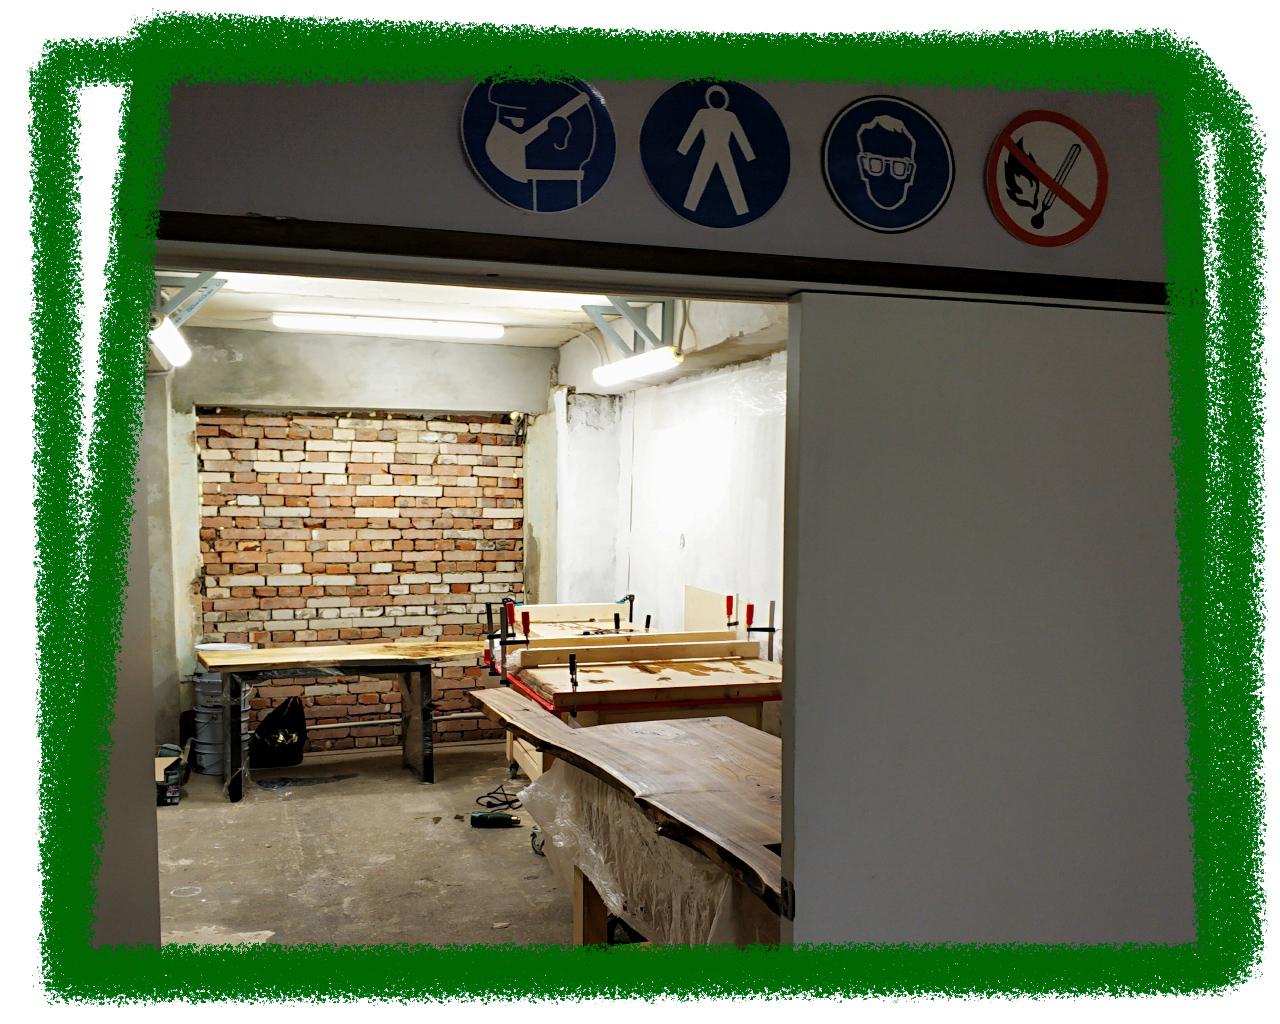 Эпоксидка трениенг, заливаем эпоксидную смолу, мебель лофт своими рукамми, курс по работе со смолой, дерево и эпоксидная смола